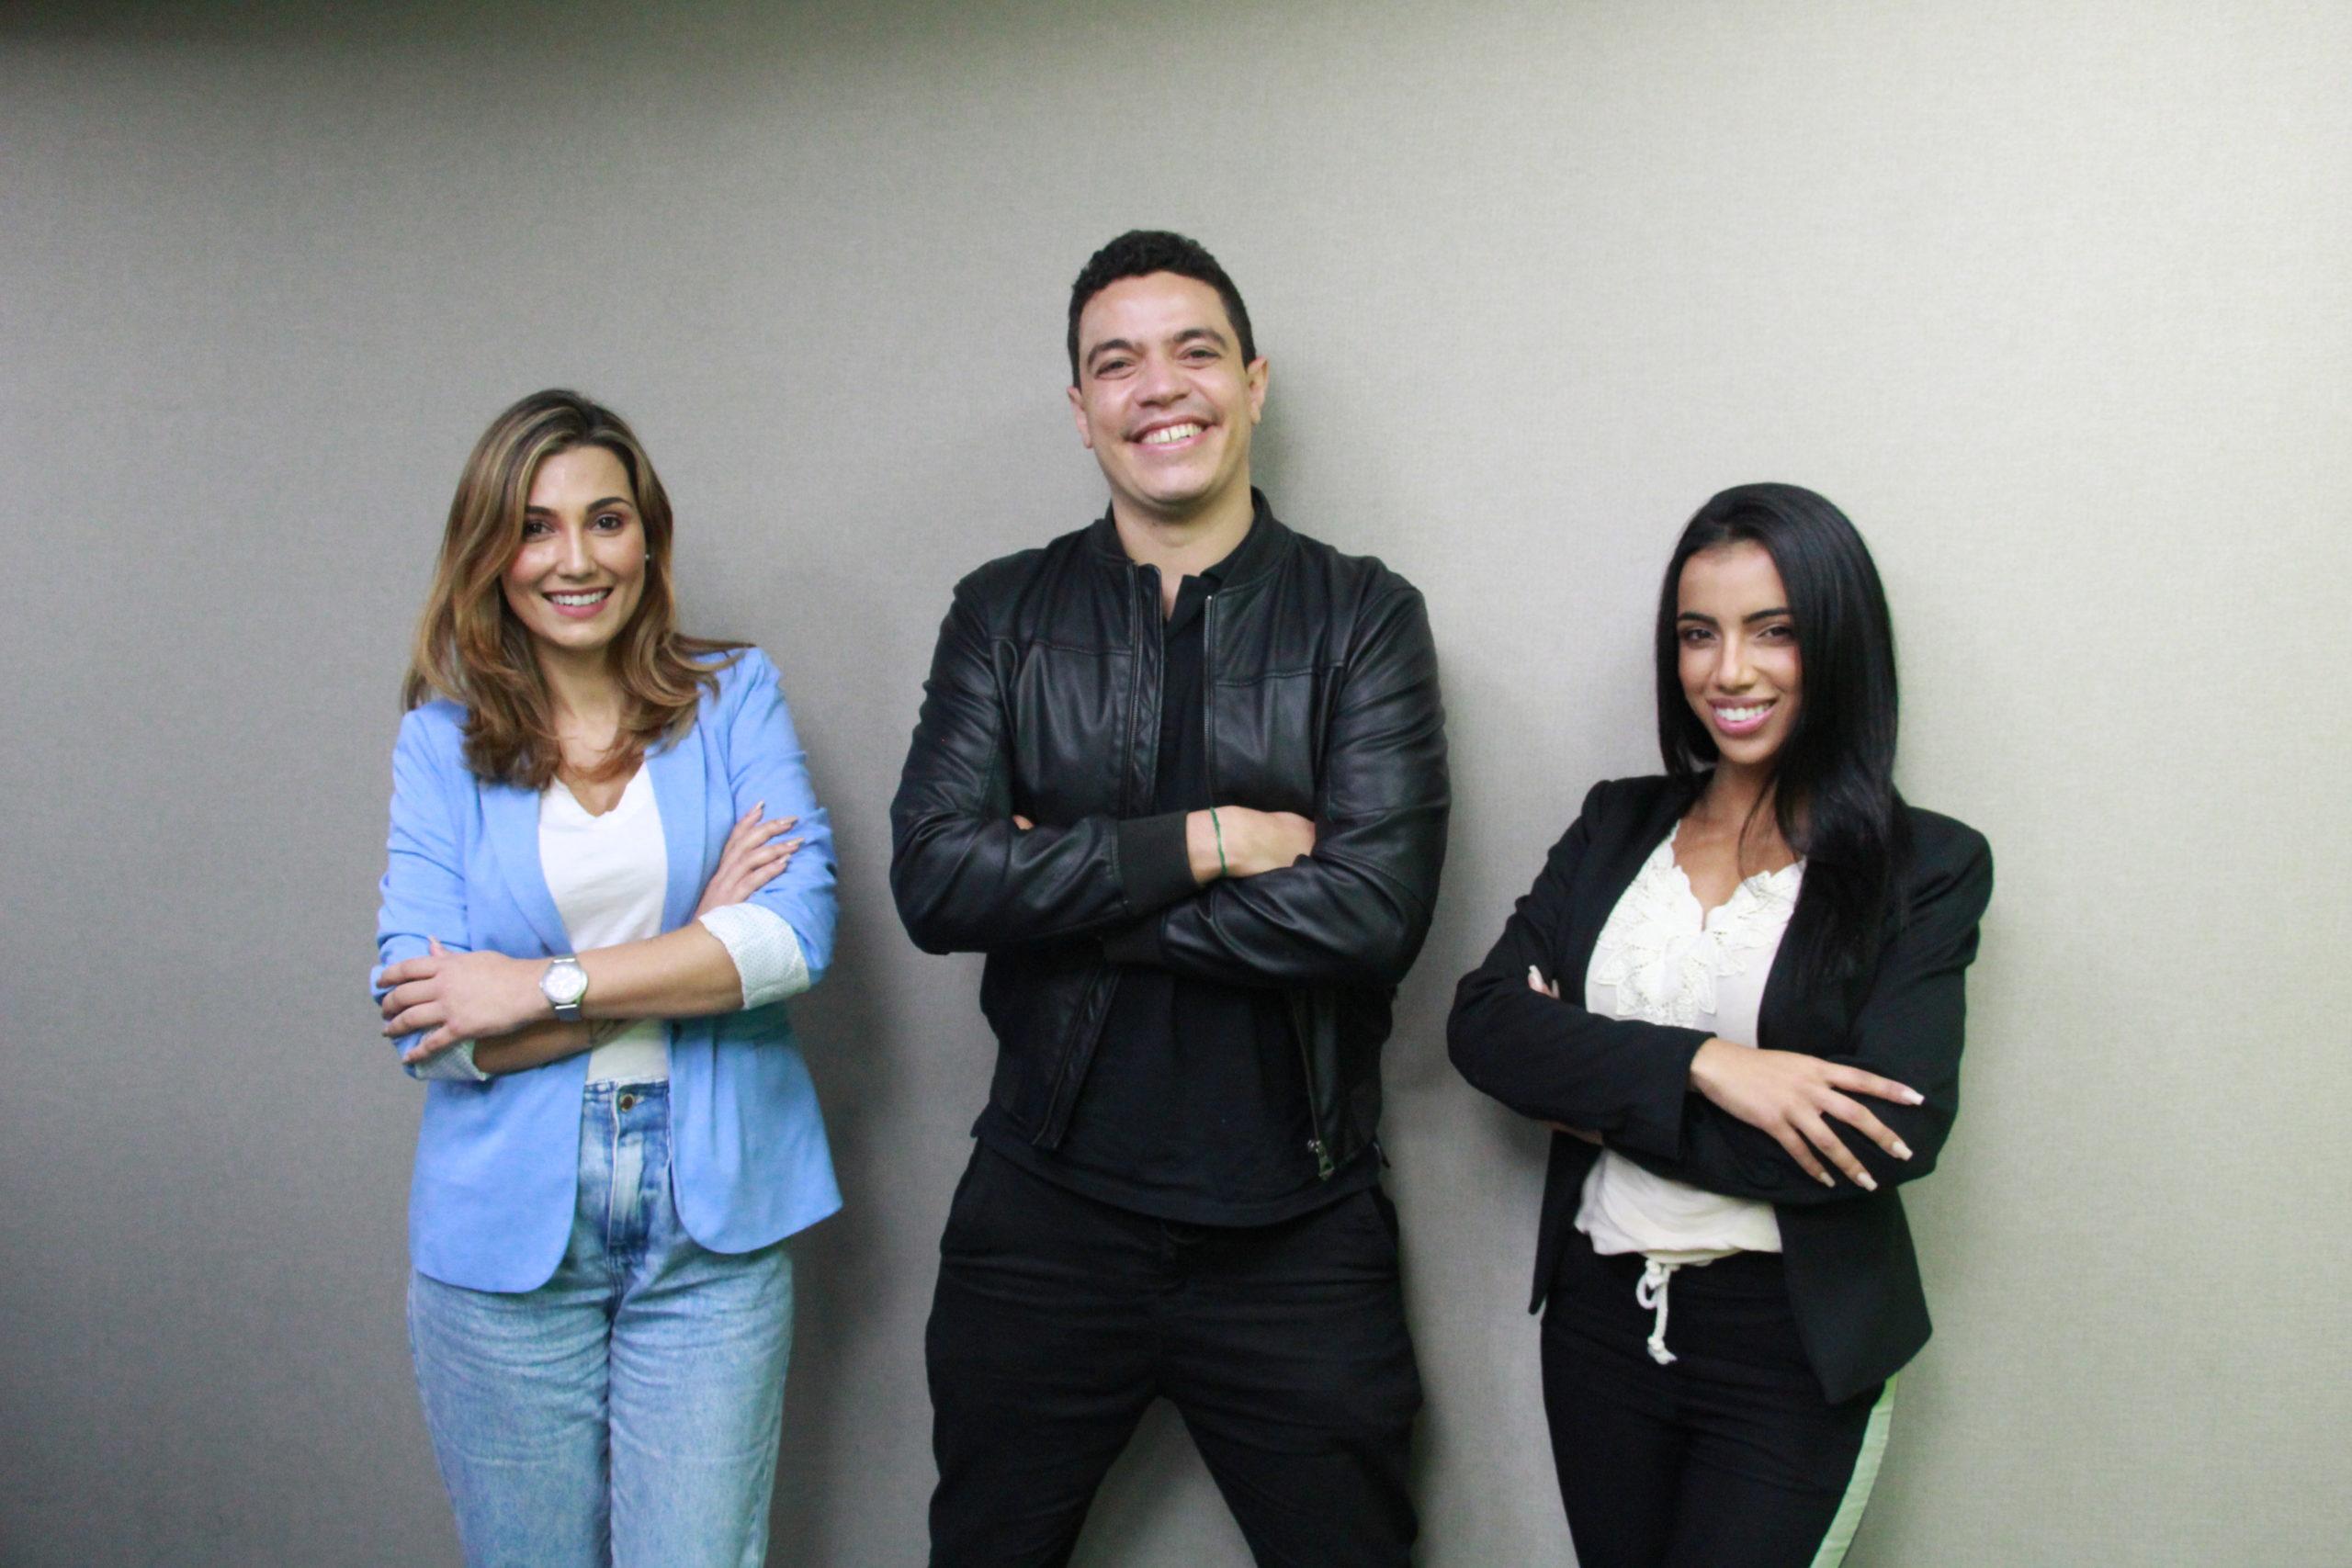 Amanda Ribeiro (à direita), Bruno Cantarelli e Bárbara Mello (à esquerda), apresentadores do Radar Tupi 1ª Edição